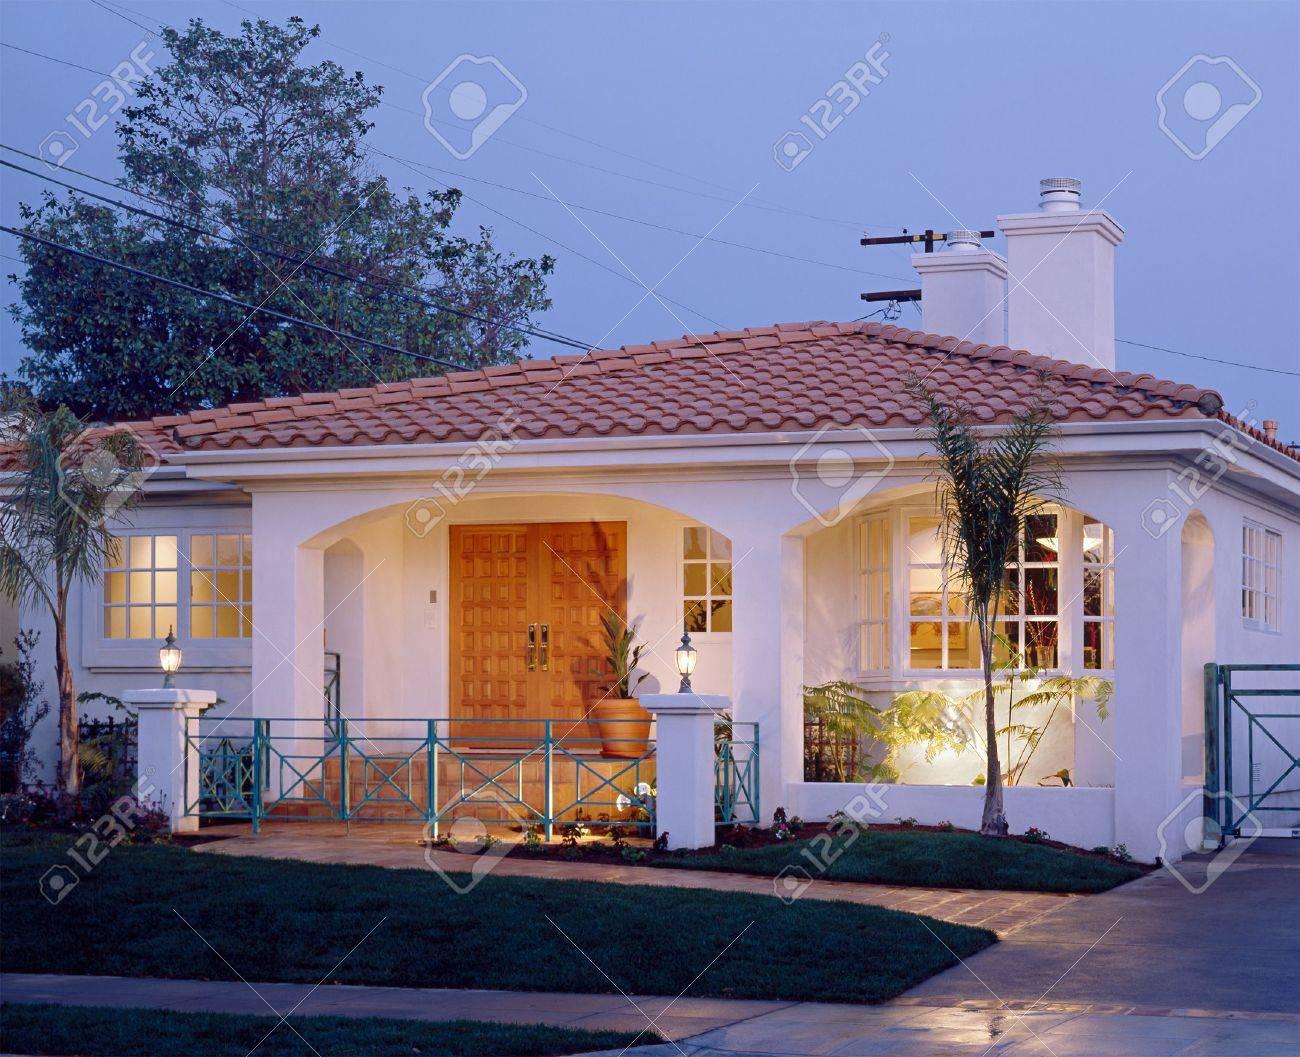 Warm Home Außen Lizenzfreie Fotos, Bilder Und Stock Fotografie ...